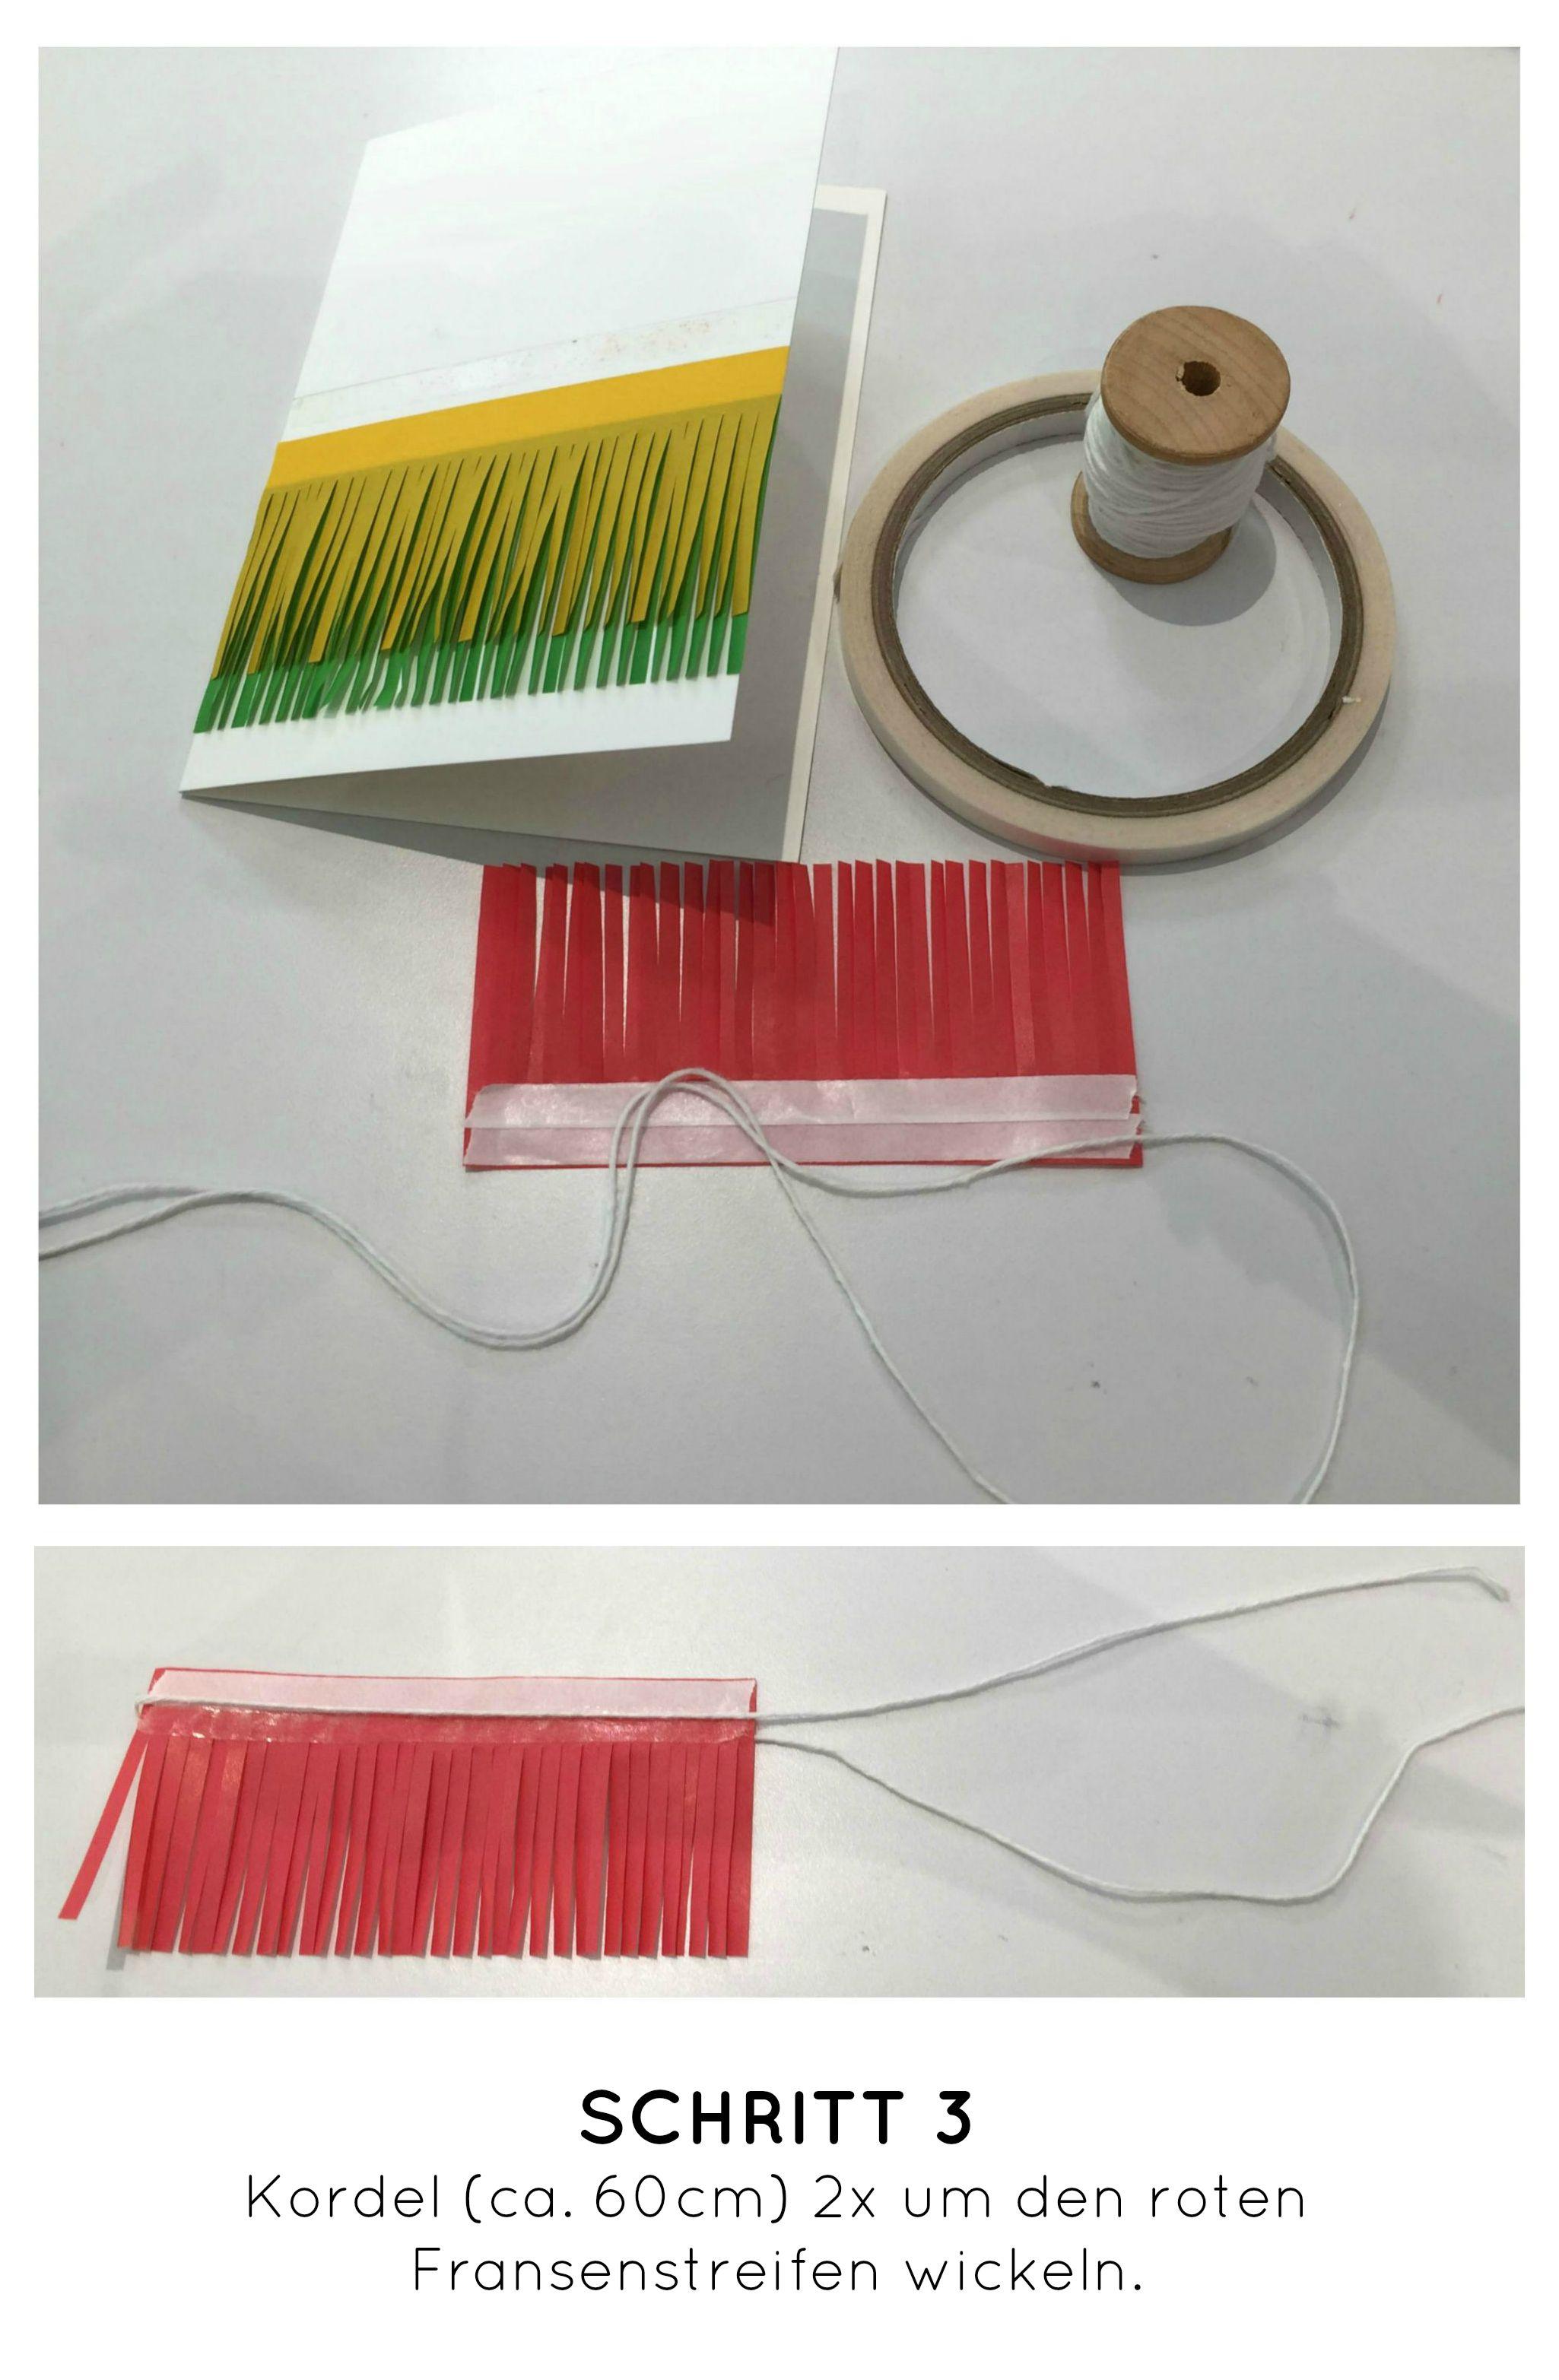 Stampin Up-Stempelherz-Geburtstag-Verpackung-Bag-Geburtstagskarte-Zeig es am Montag Geburtstagsset Sprinkles on Top - Schritt 09b